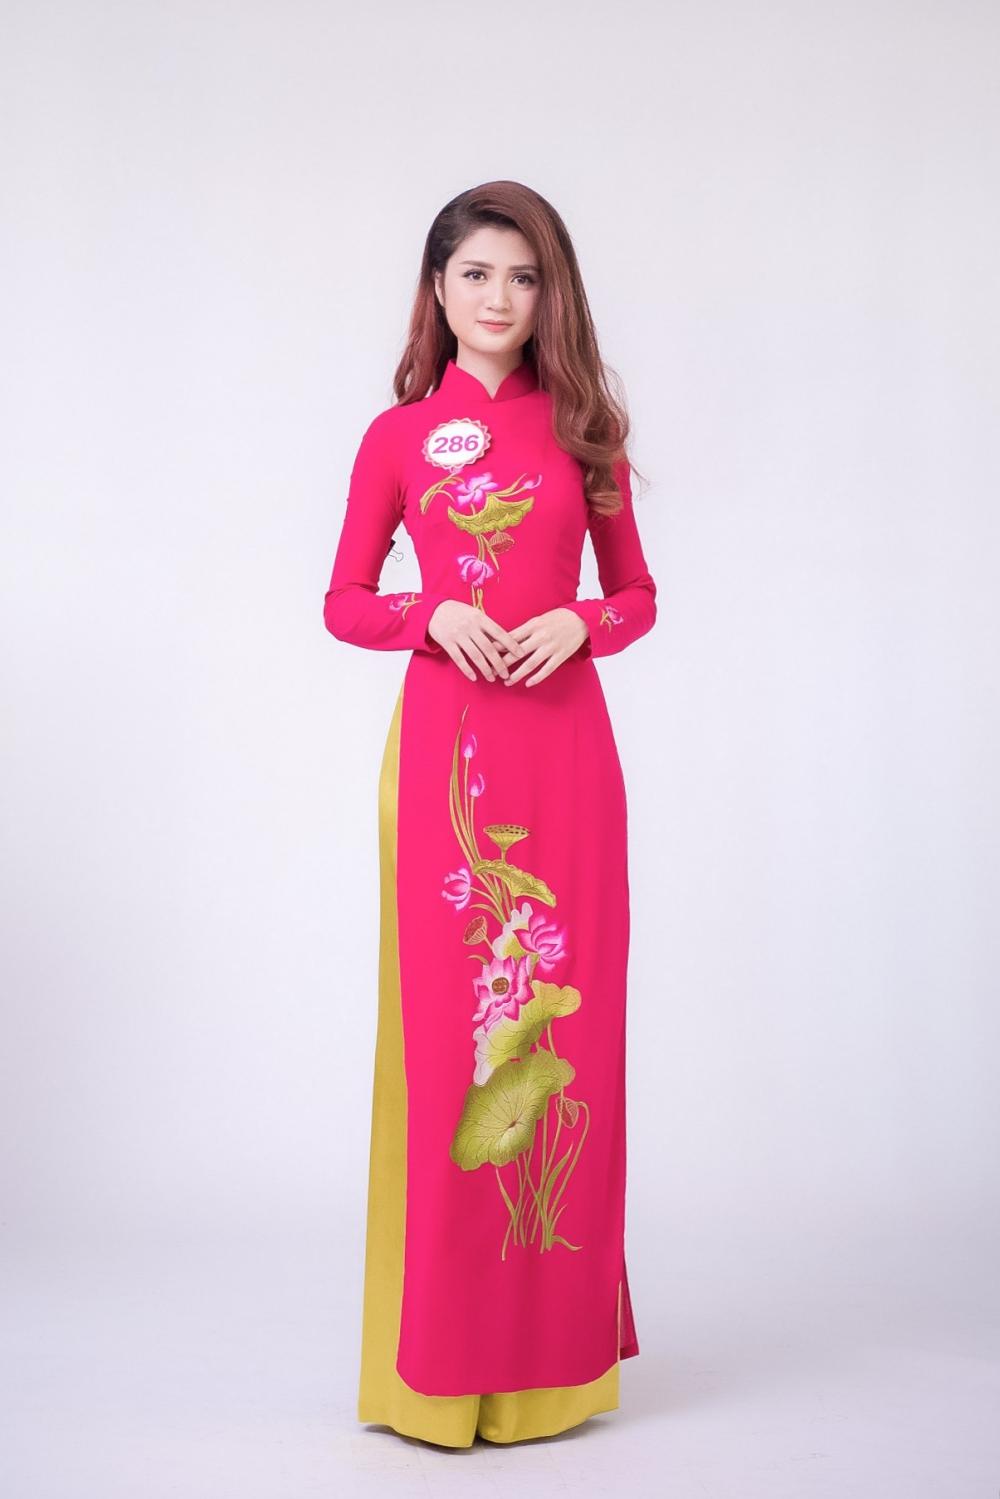 7. Huyen Trang 2